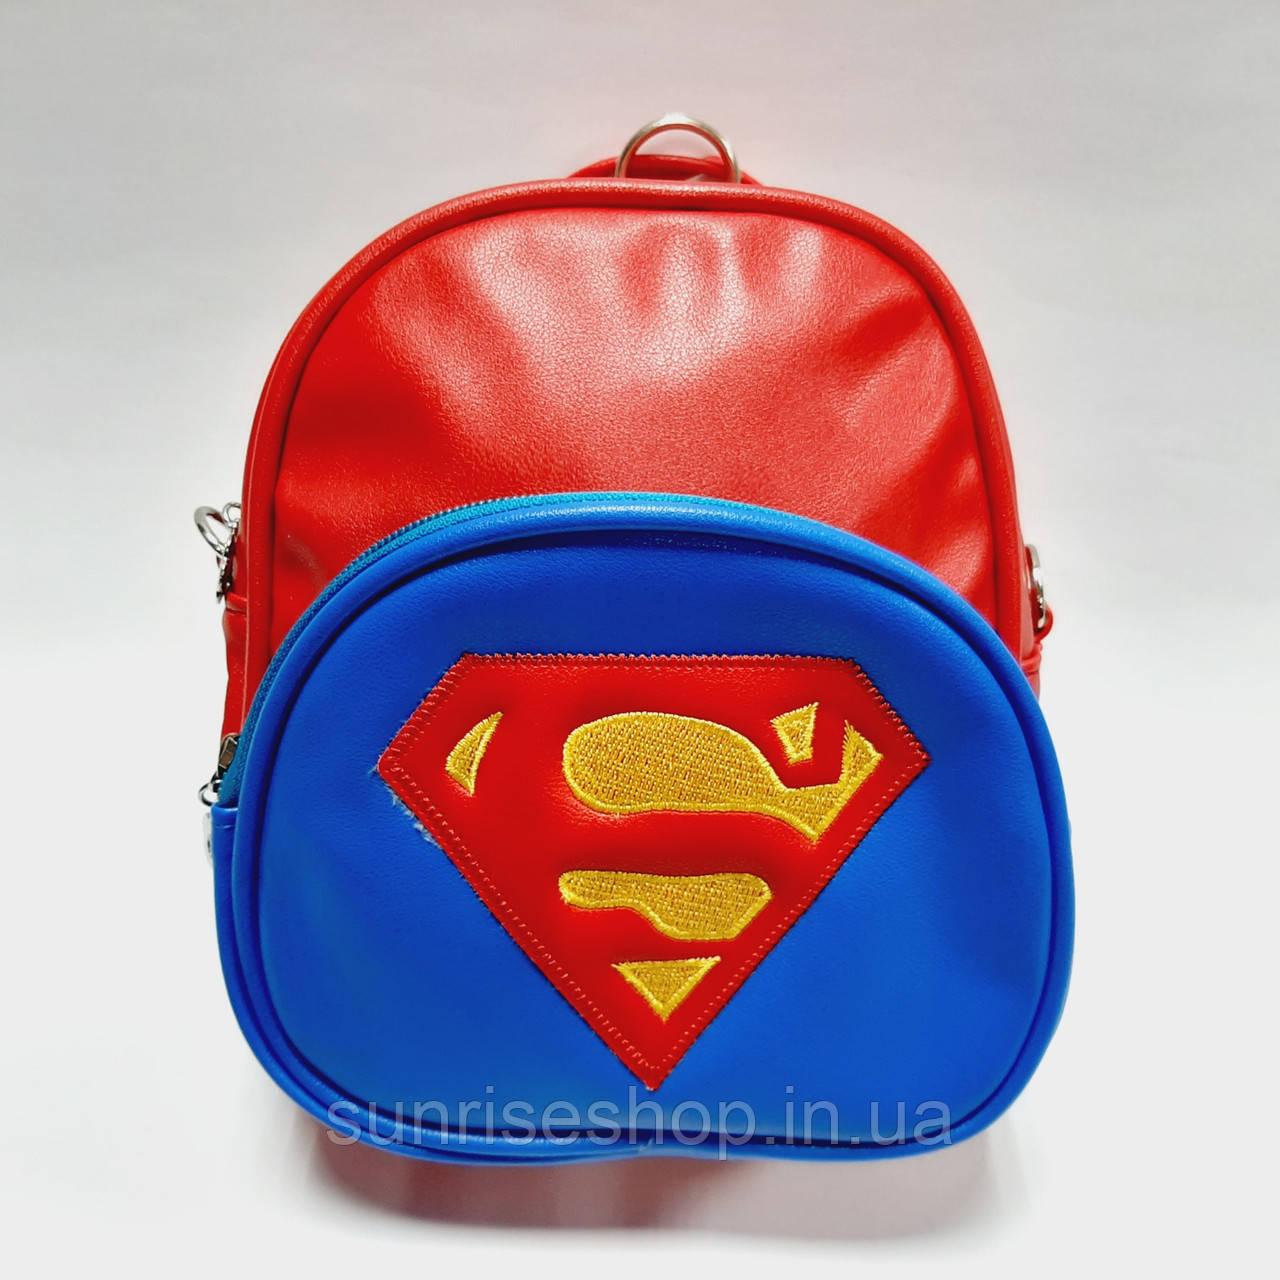 Рюкзак для мальчиков Супер Мен кожзаменитель красный